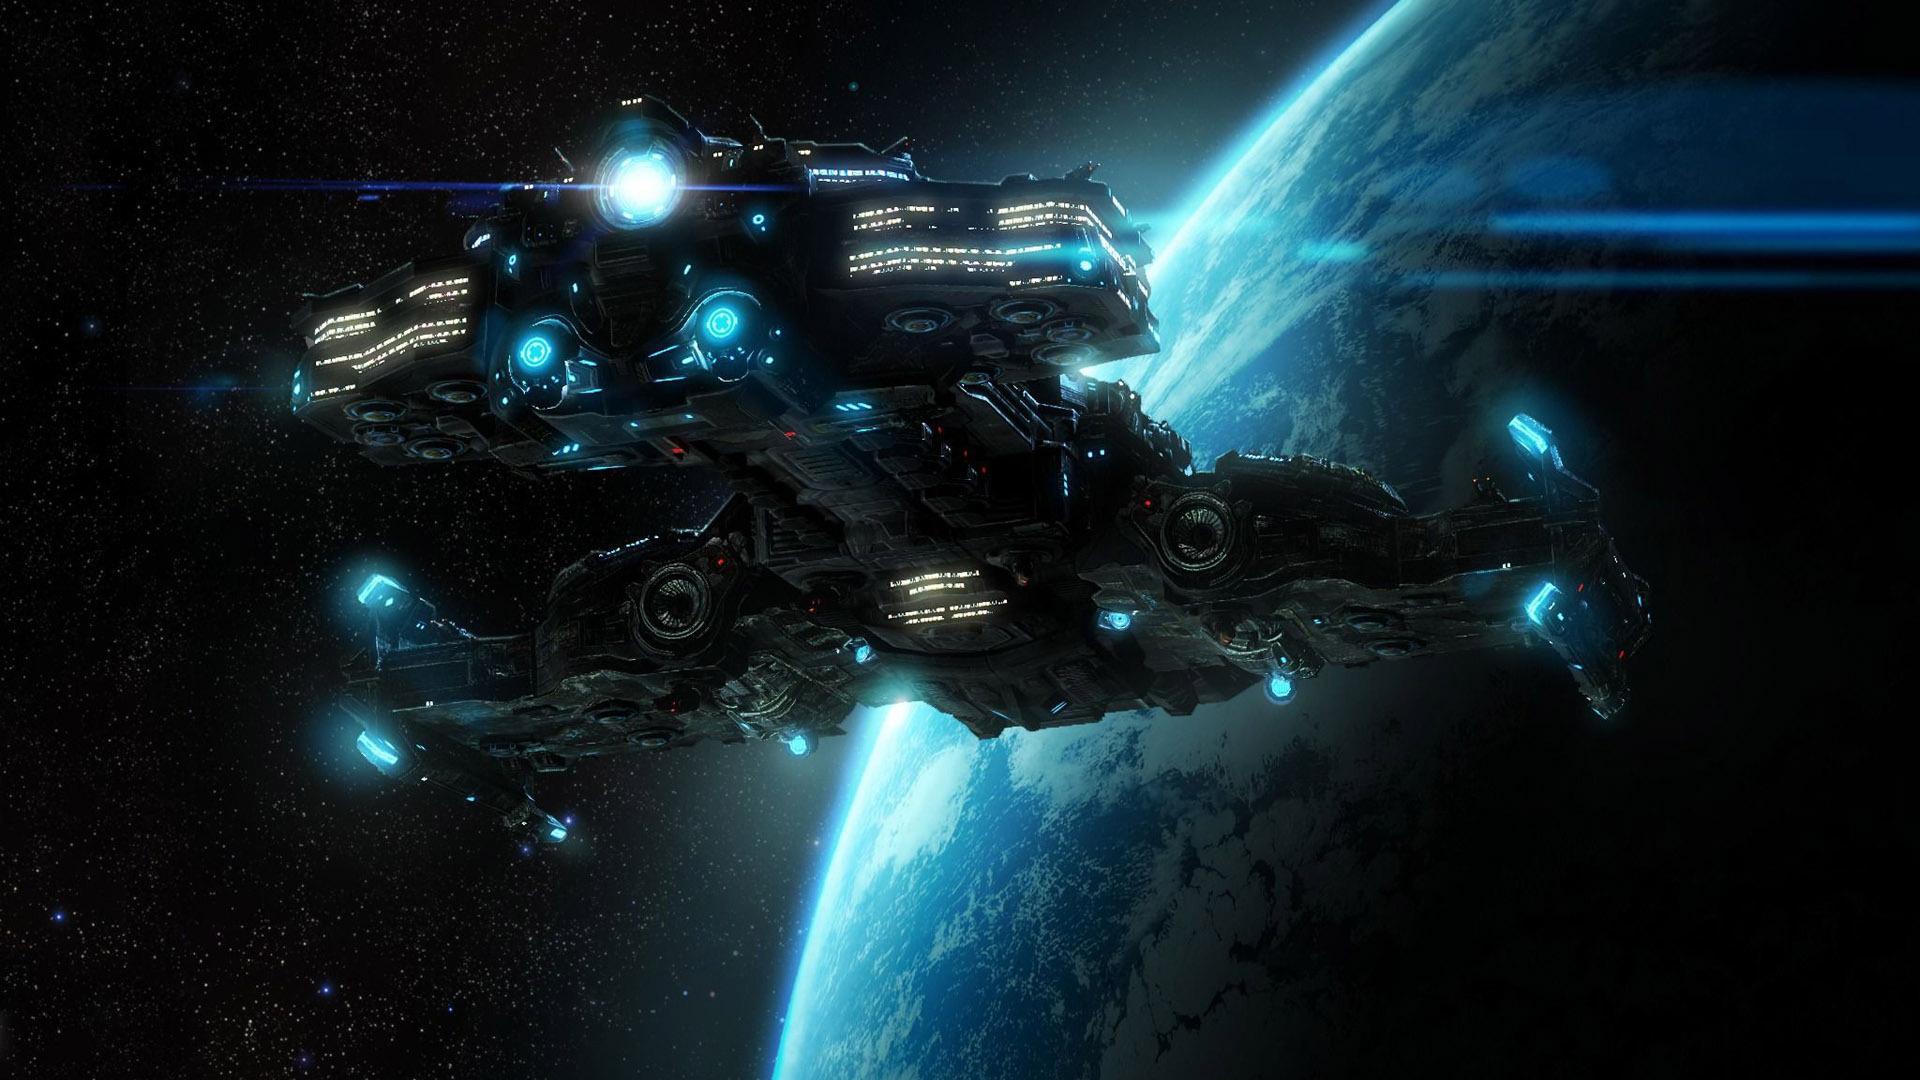 Starcraft-Battlecruiser-1920x-ID-wallpaper-wp36010856